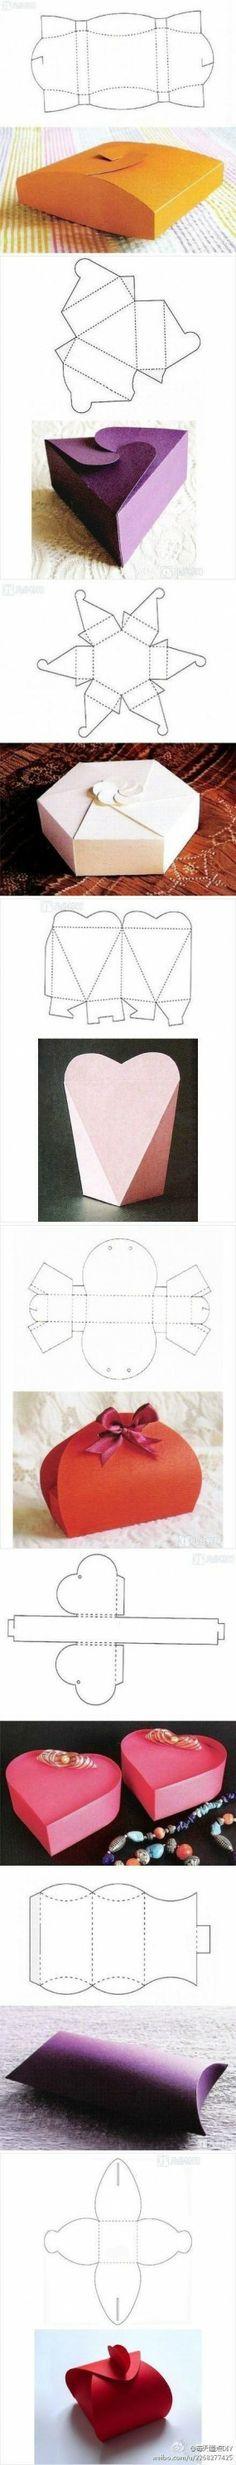 SaiFou | Folded boxes